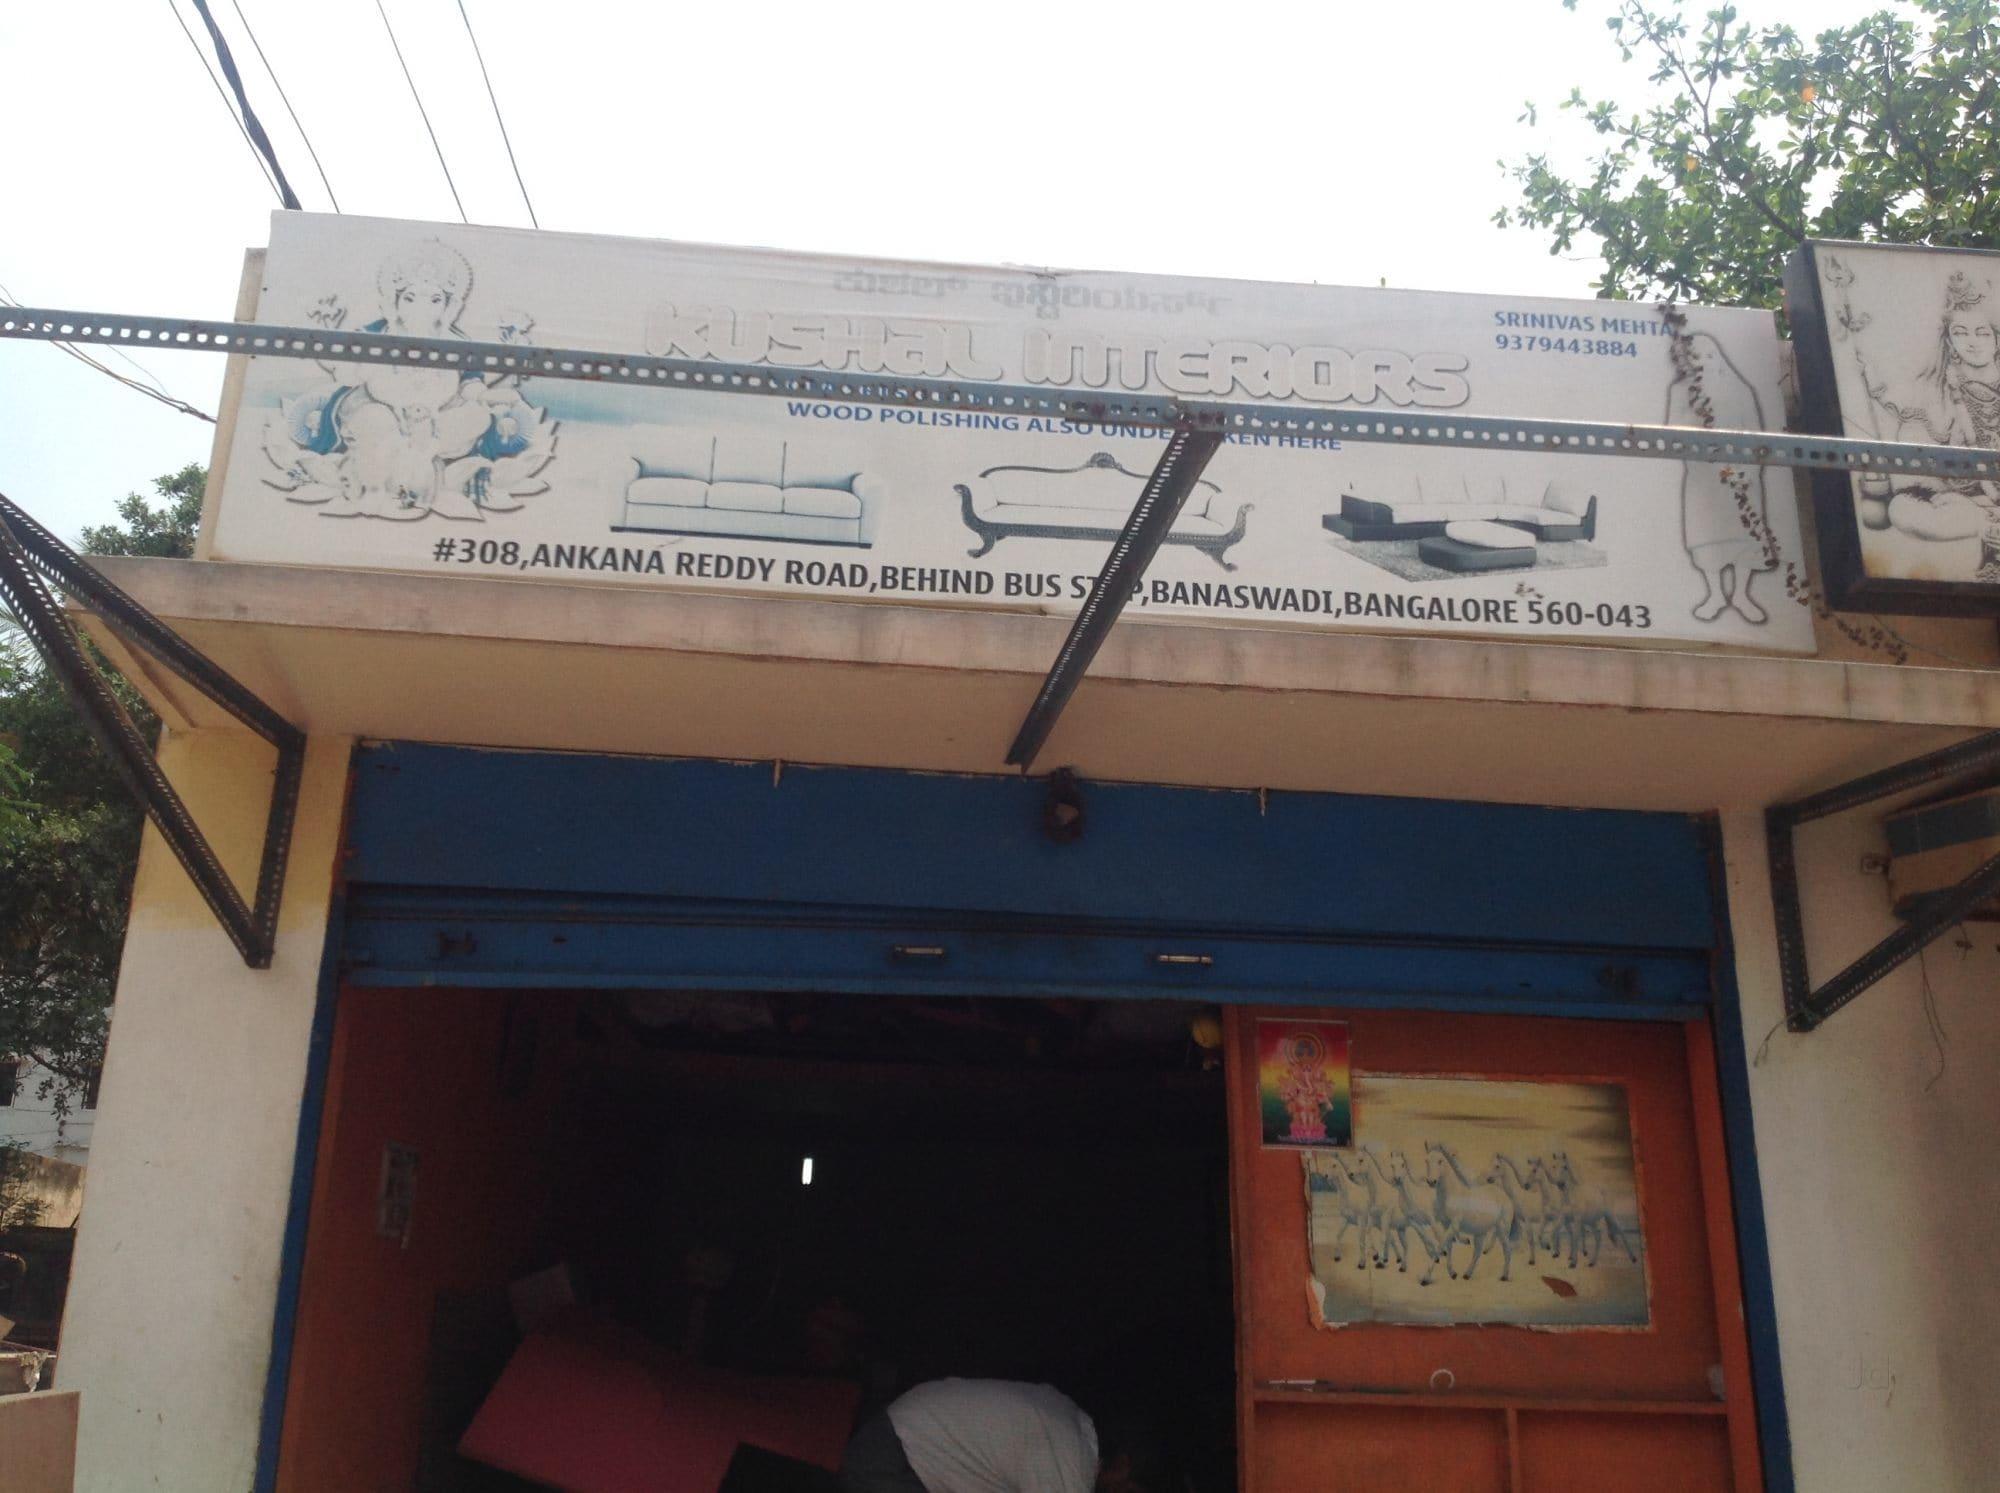 Kushal Interior Banaswadi Sofa Set Repair & Services in